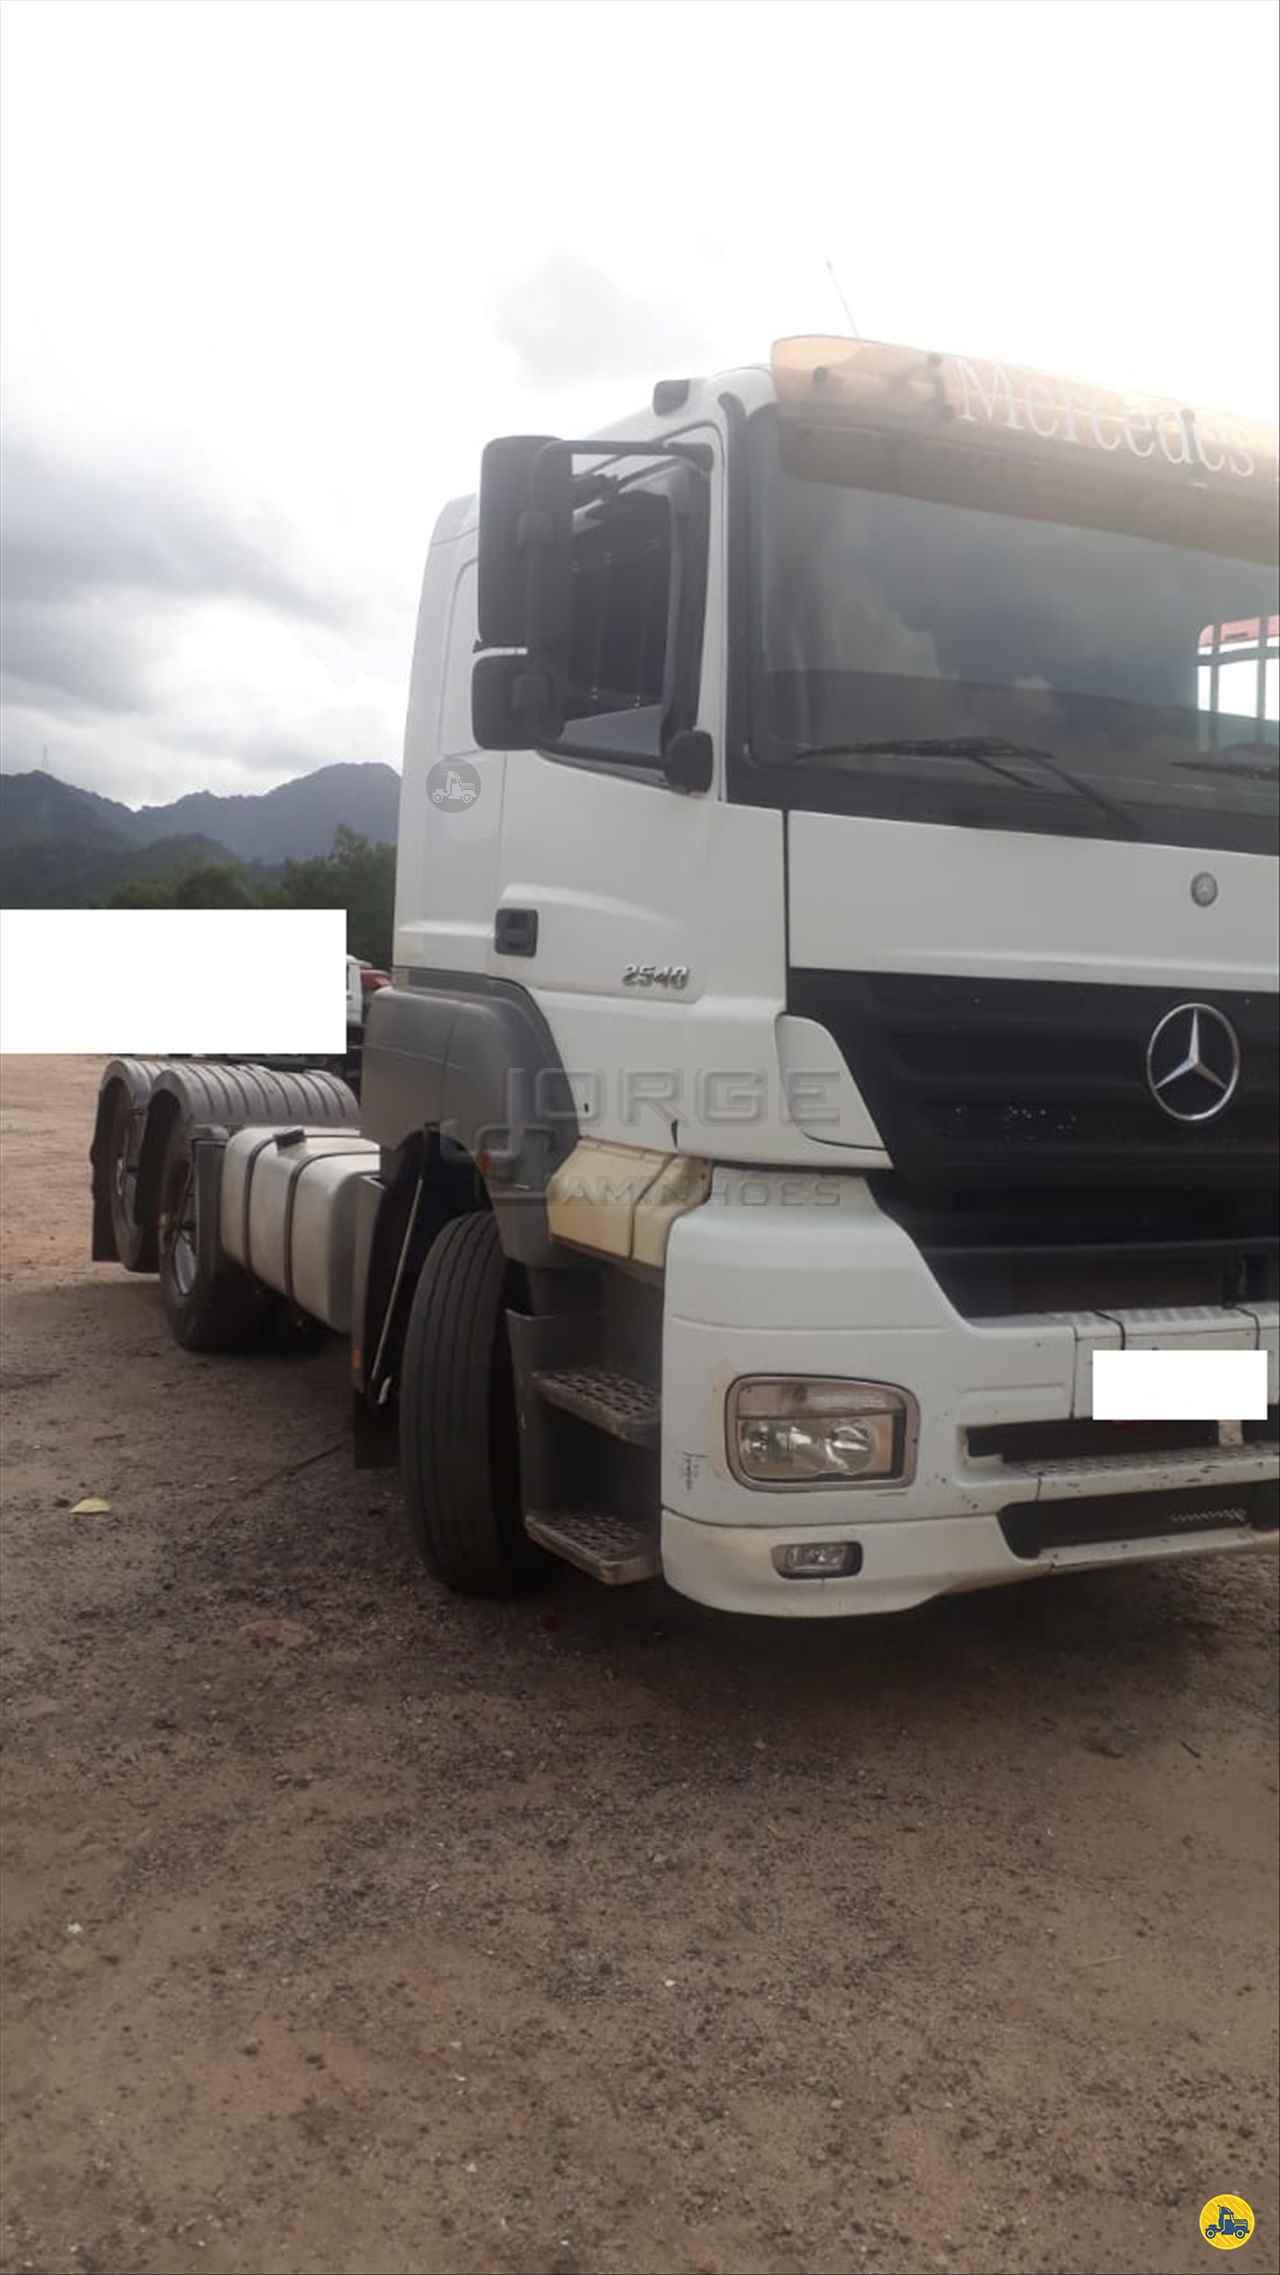 CAMINHAO MERCEDES-BENZ MB 2540 Cavalo Mecânico Truck 6x2 Jorge Caminhões CURITIBA PARANÁ PR